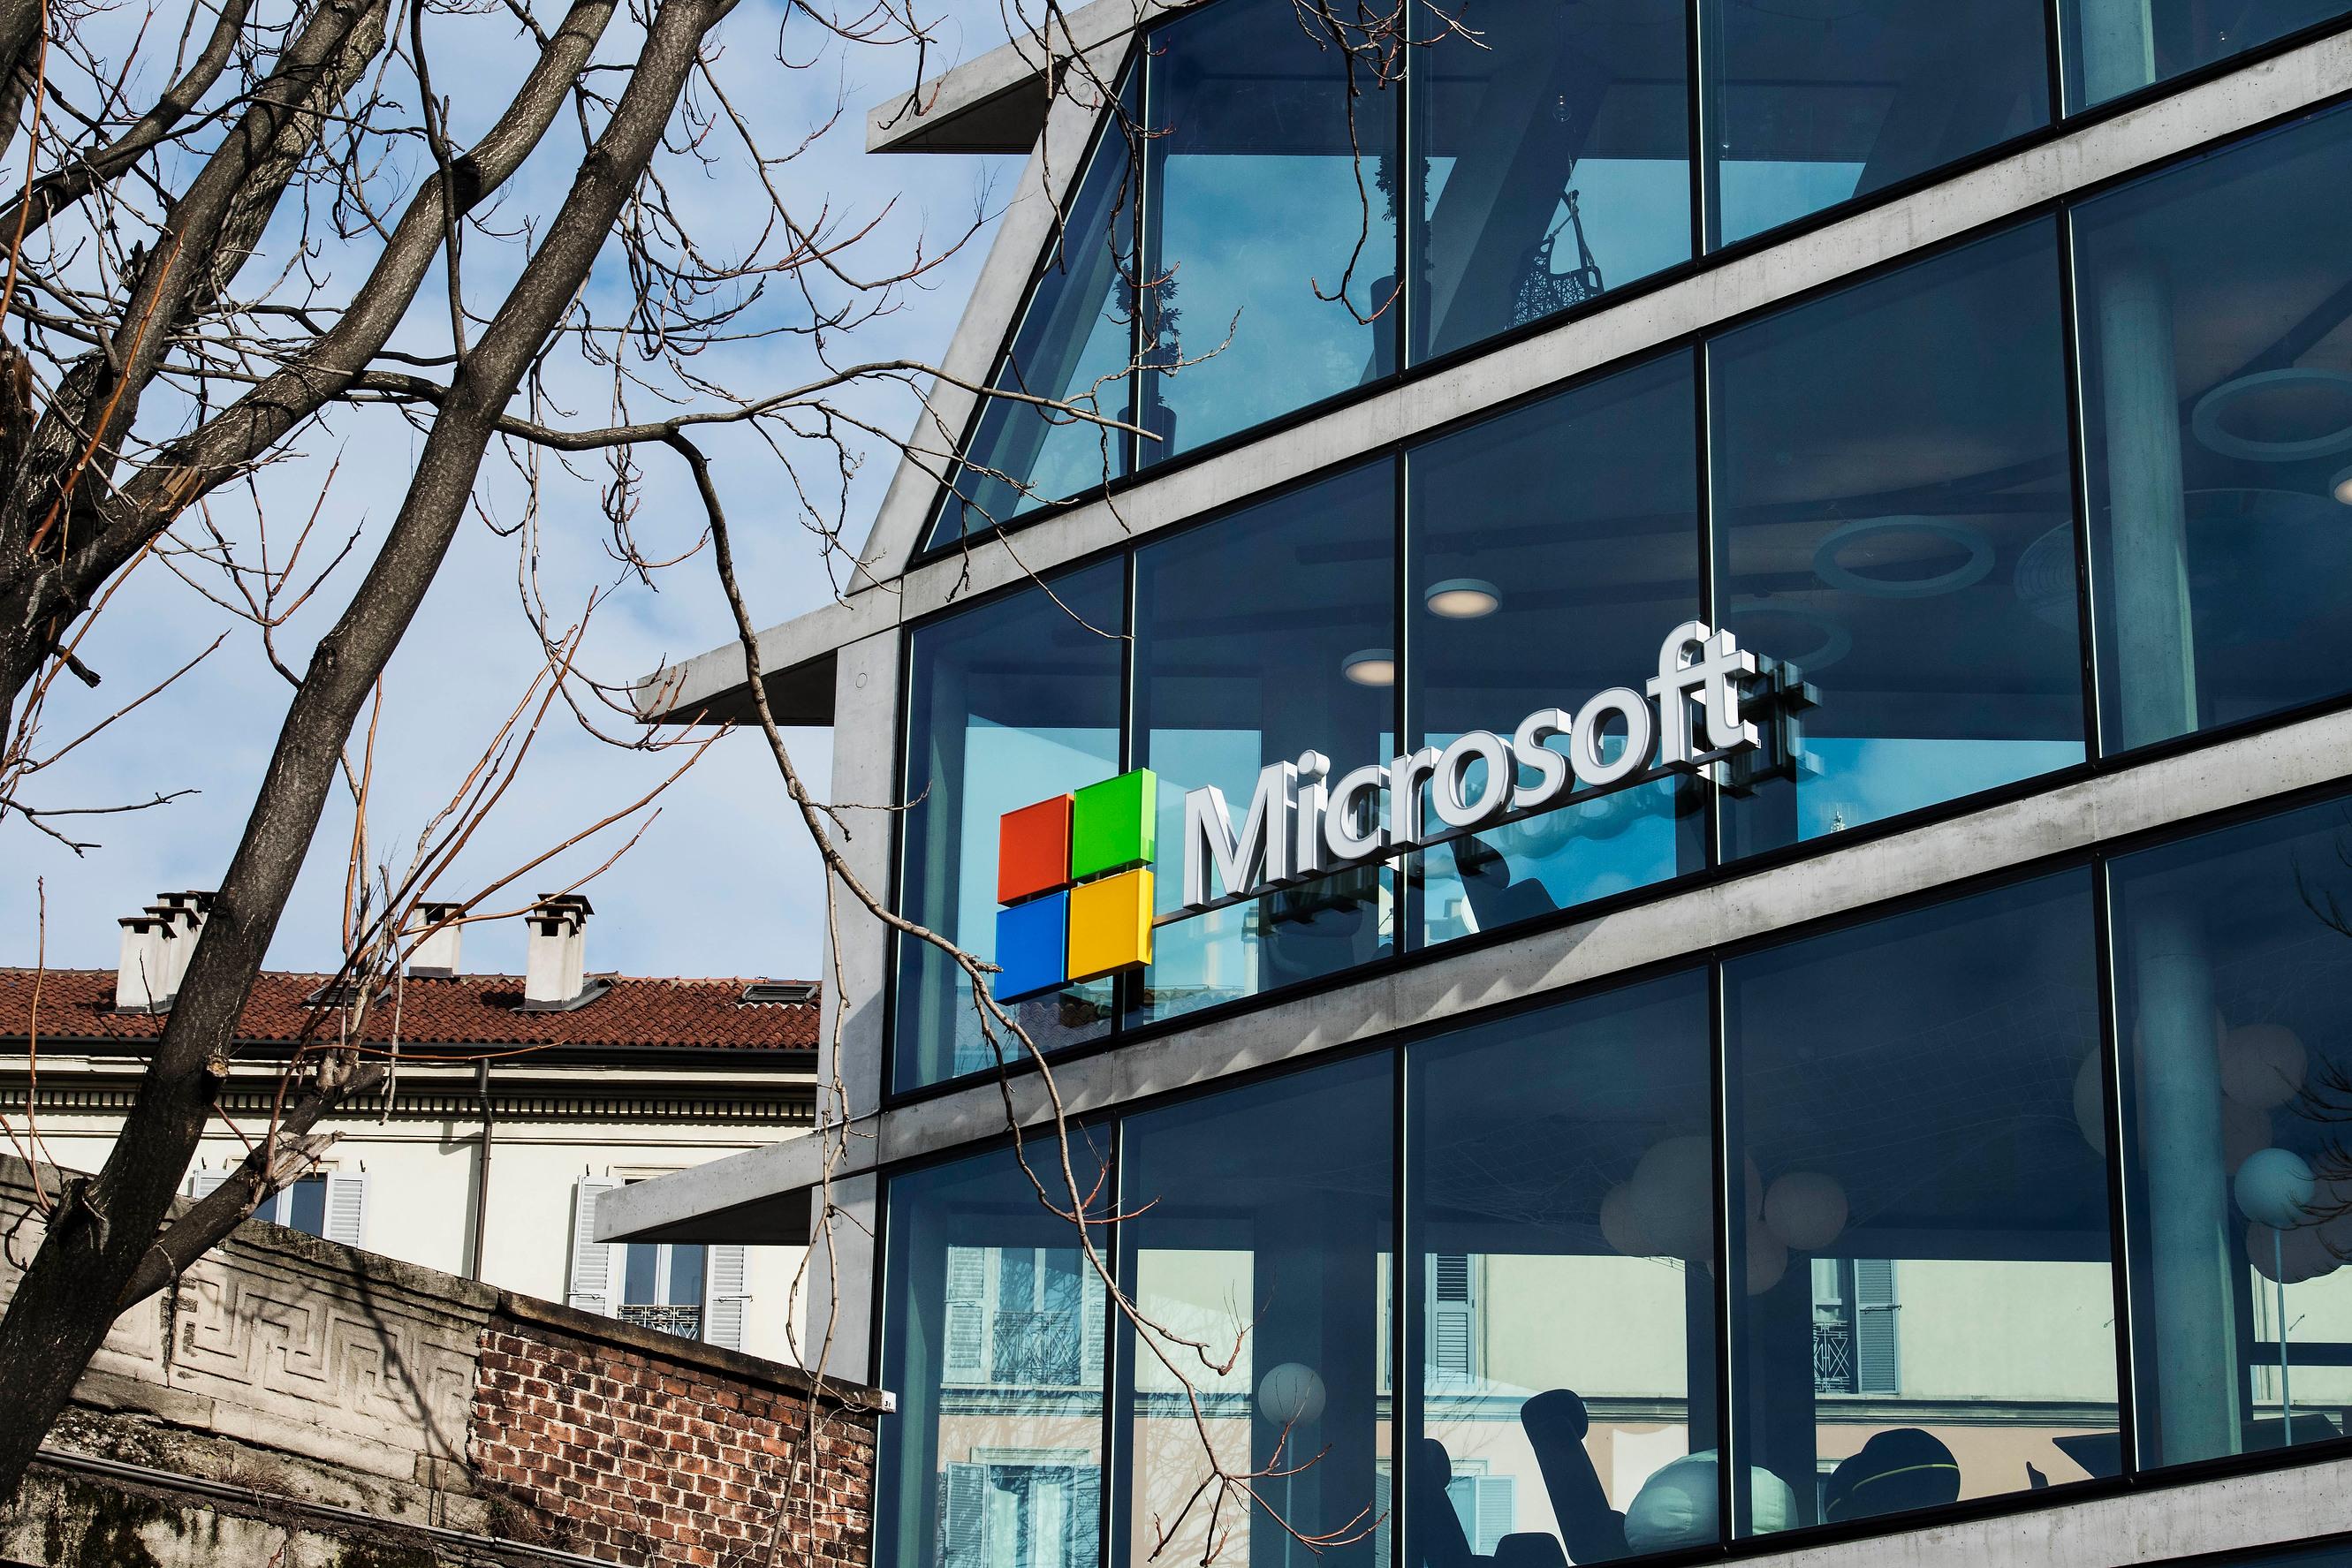 È trasparente, è inclusiva, è smart. Sì è Microsoft!